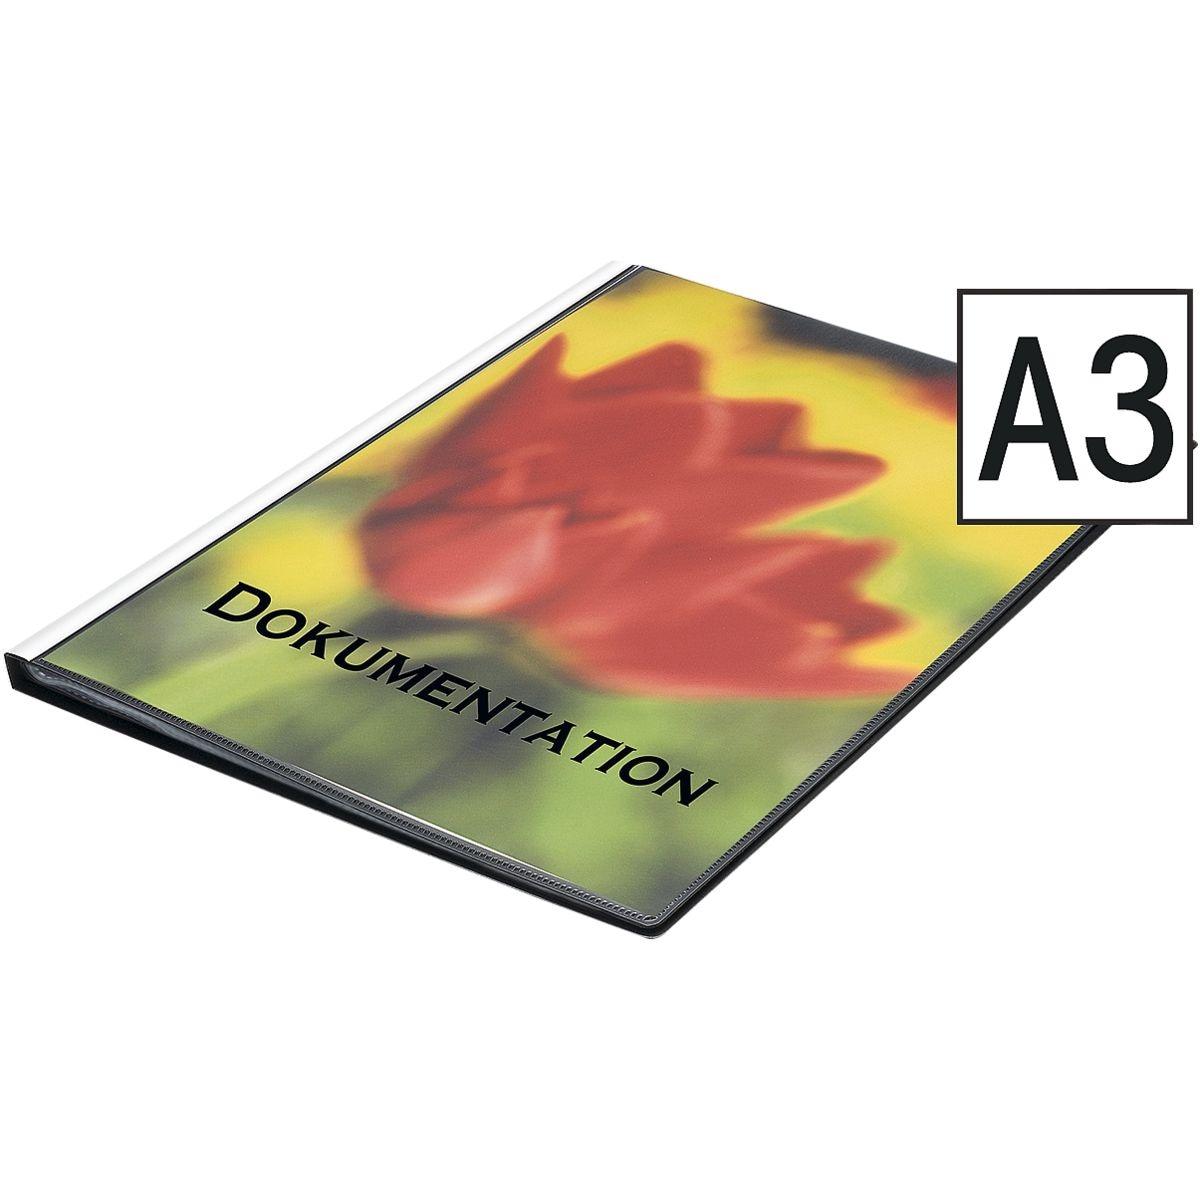 Foldersys Präsentations-Sichtbuch A3 30 Hüllen